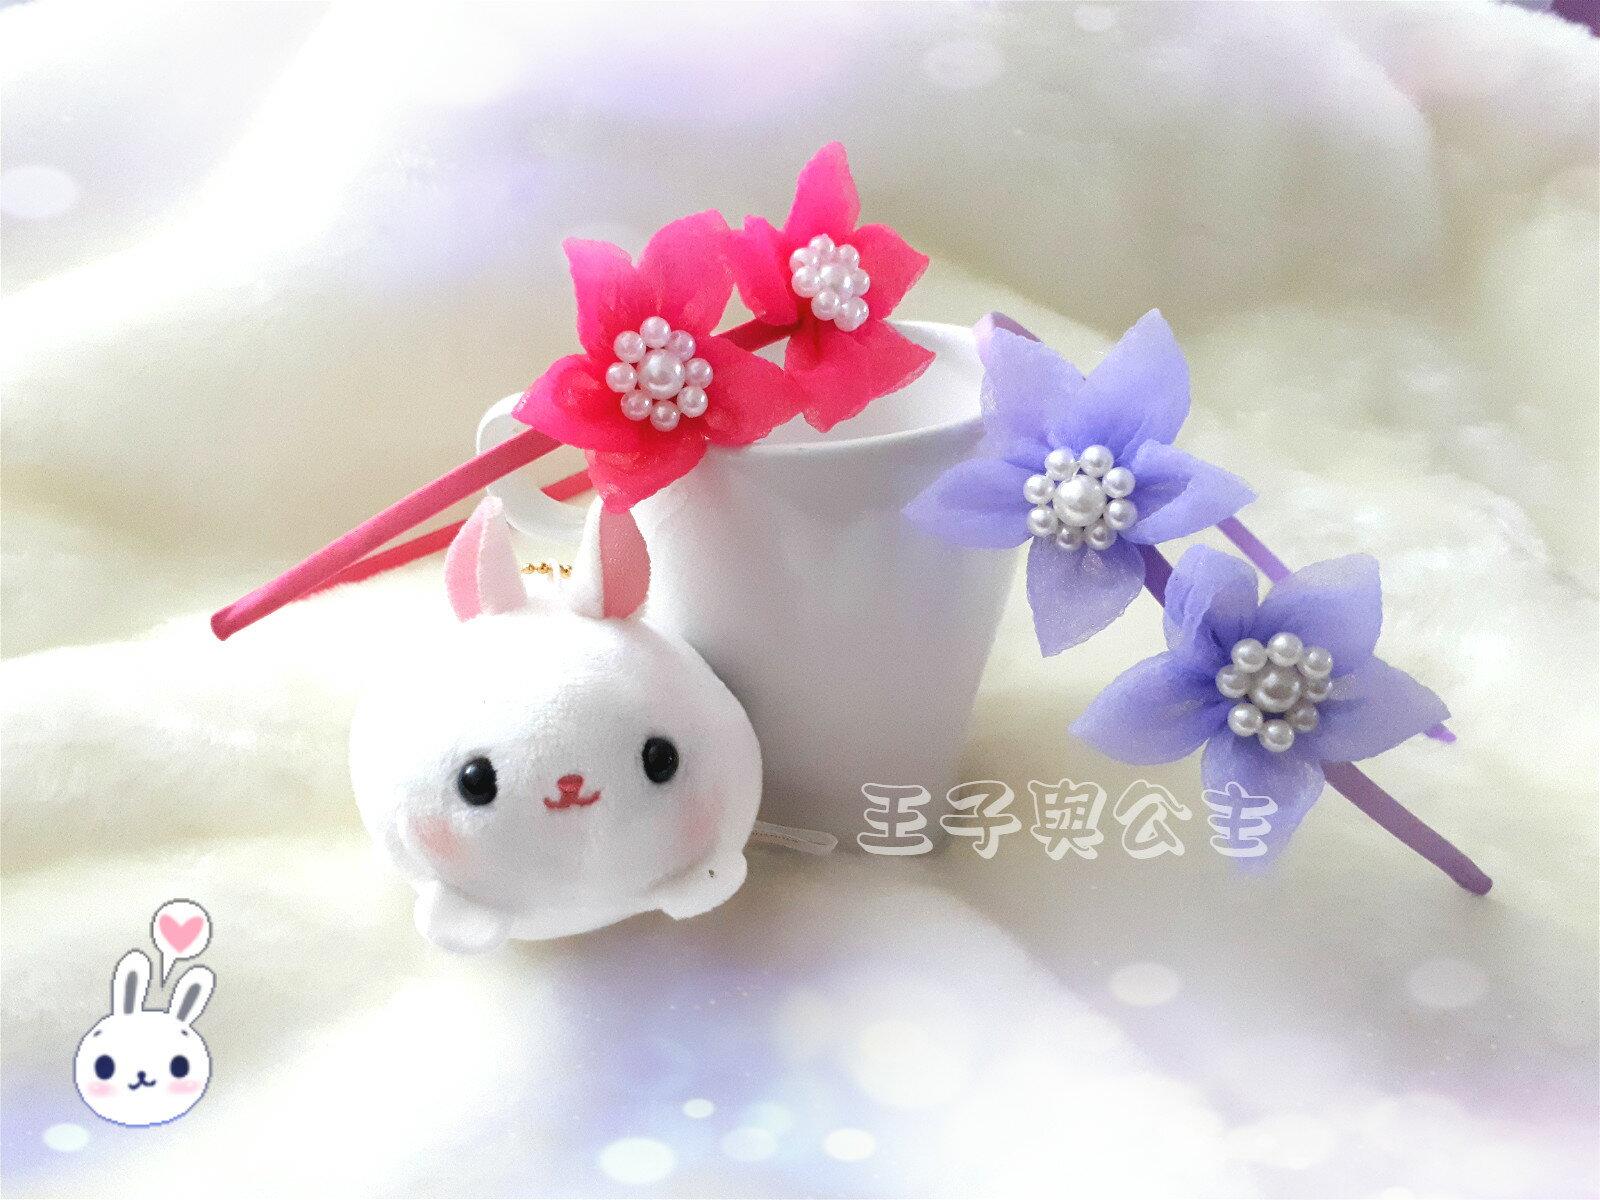 甜美寶寶雙五瓣花珍珠髮箍AA007 ~~~~~ 日韓 髮飾 髮帶 髮圈  蕾絲 布藝  兒